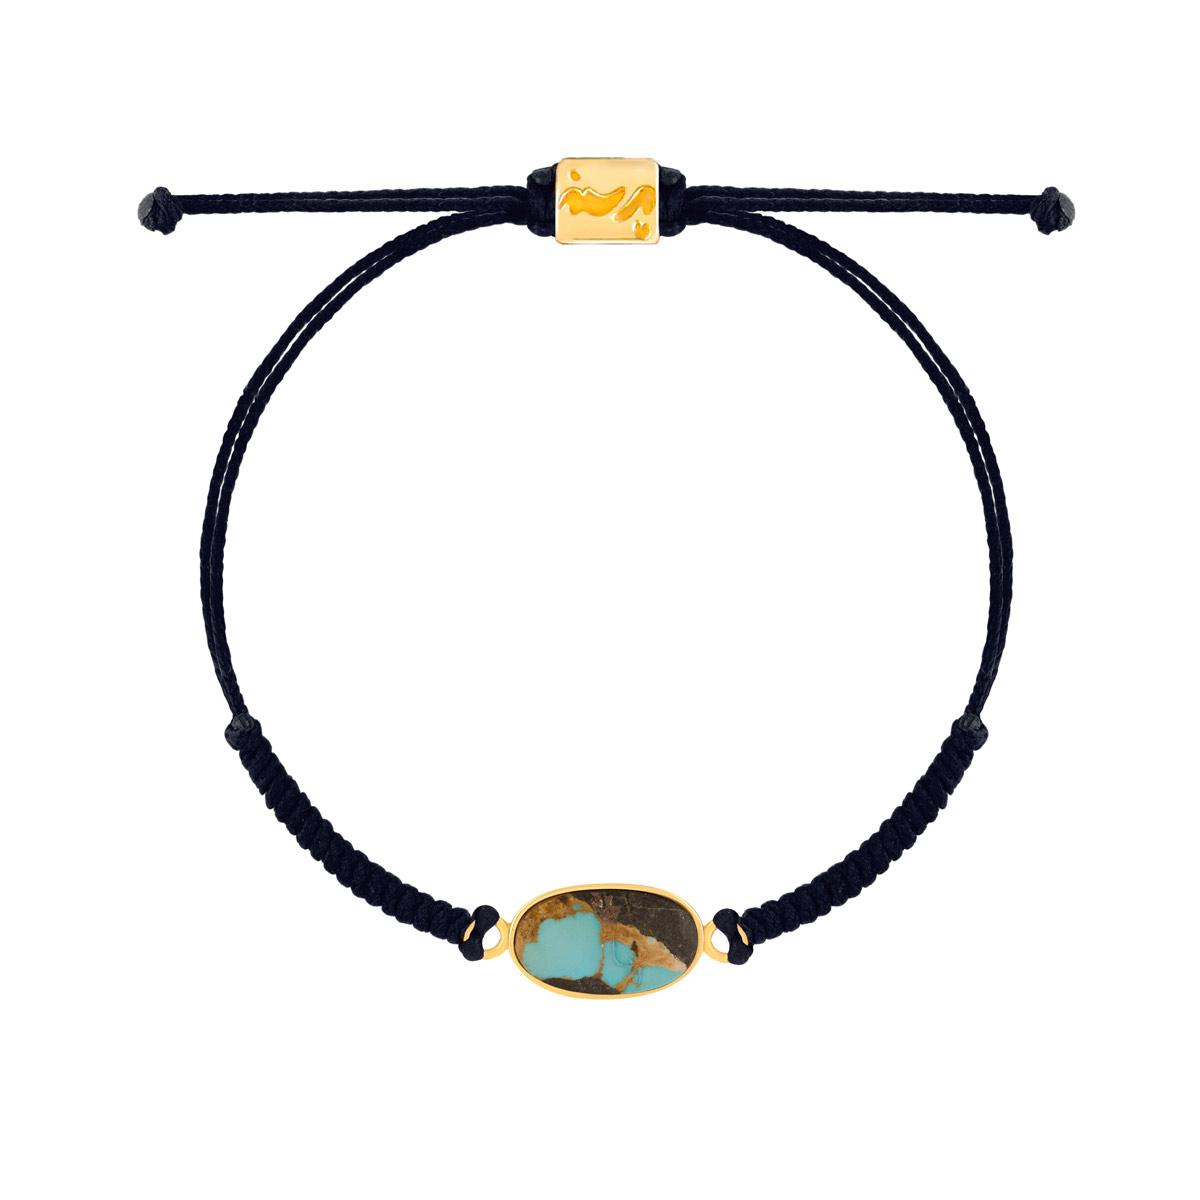 دستبند طلا بافت مشکی فیروزه بیضی